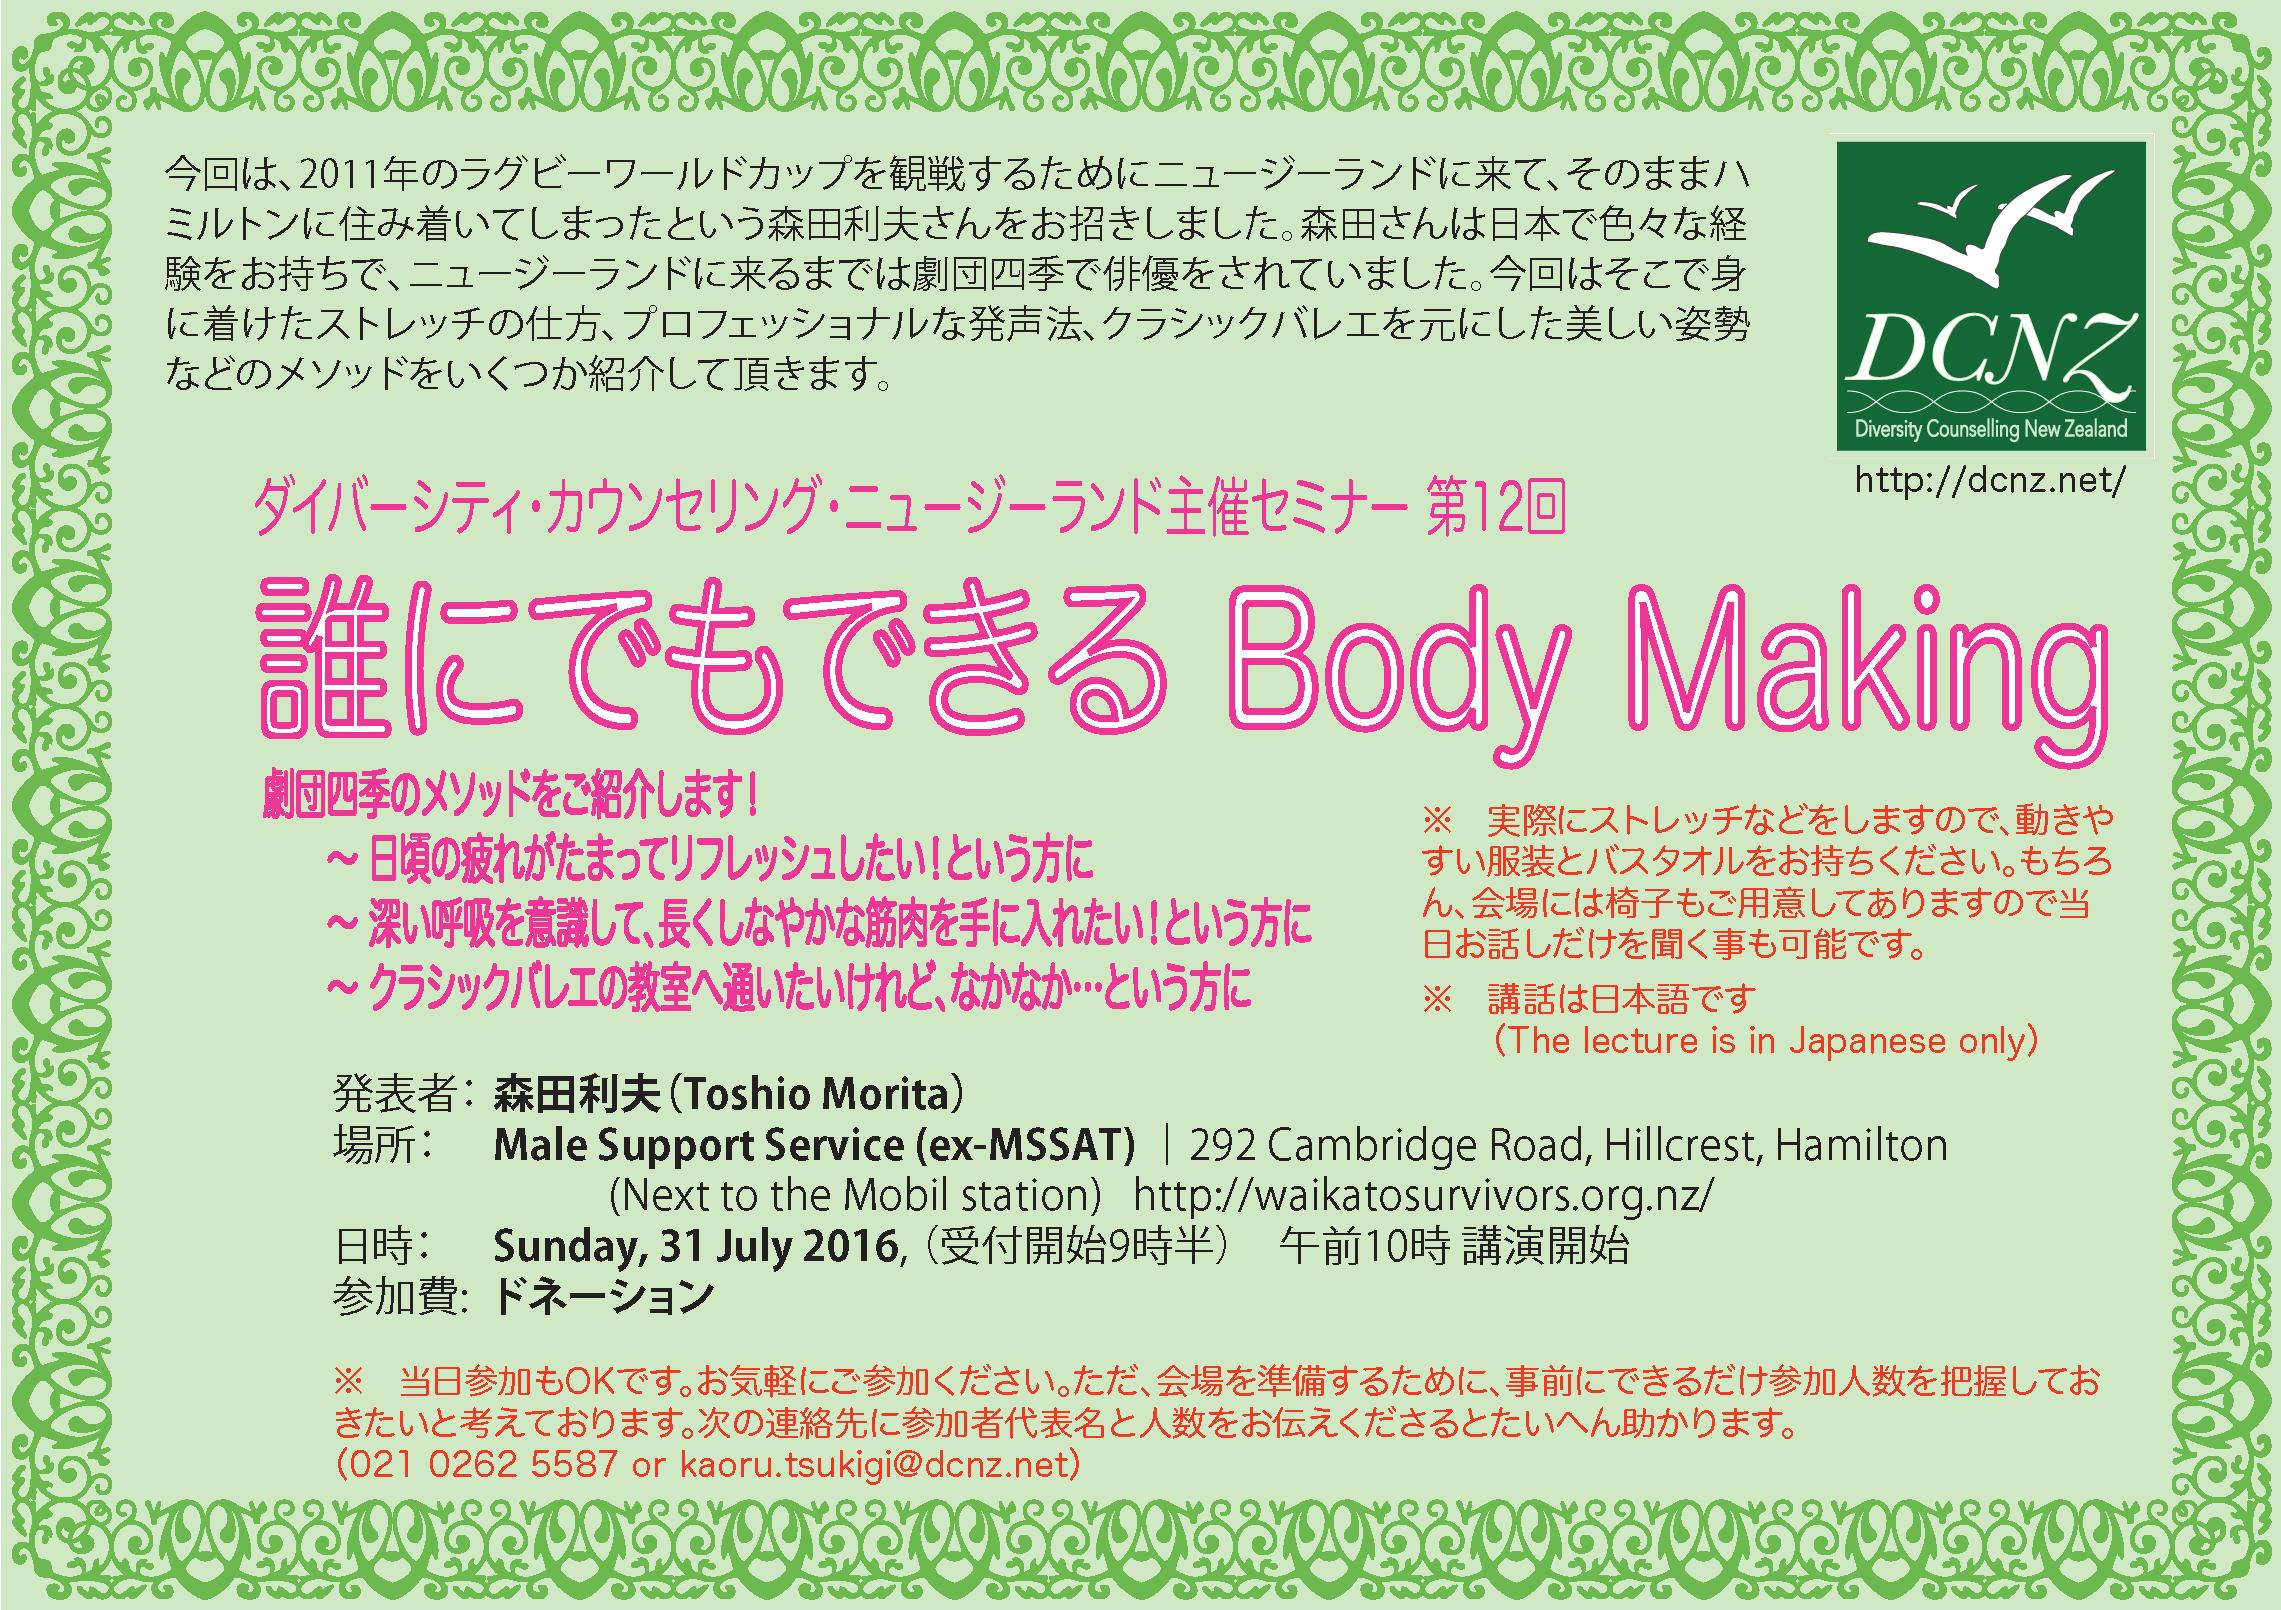 第12回日本語セミナー「誰にでもできる Body Making」